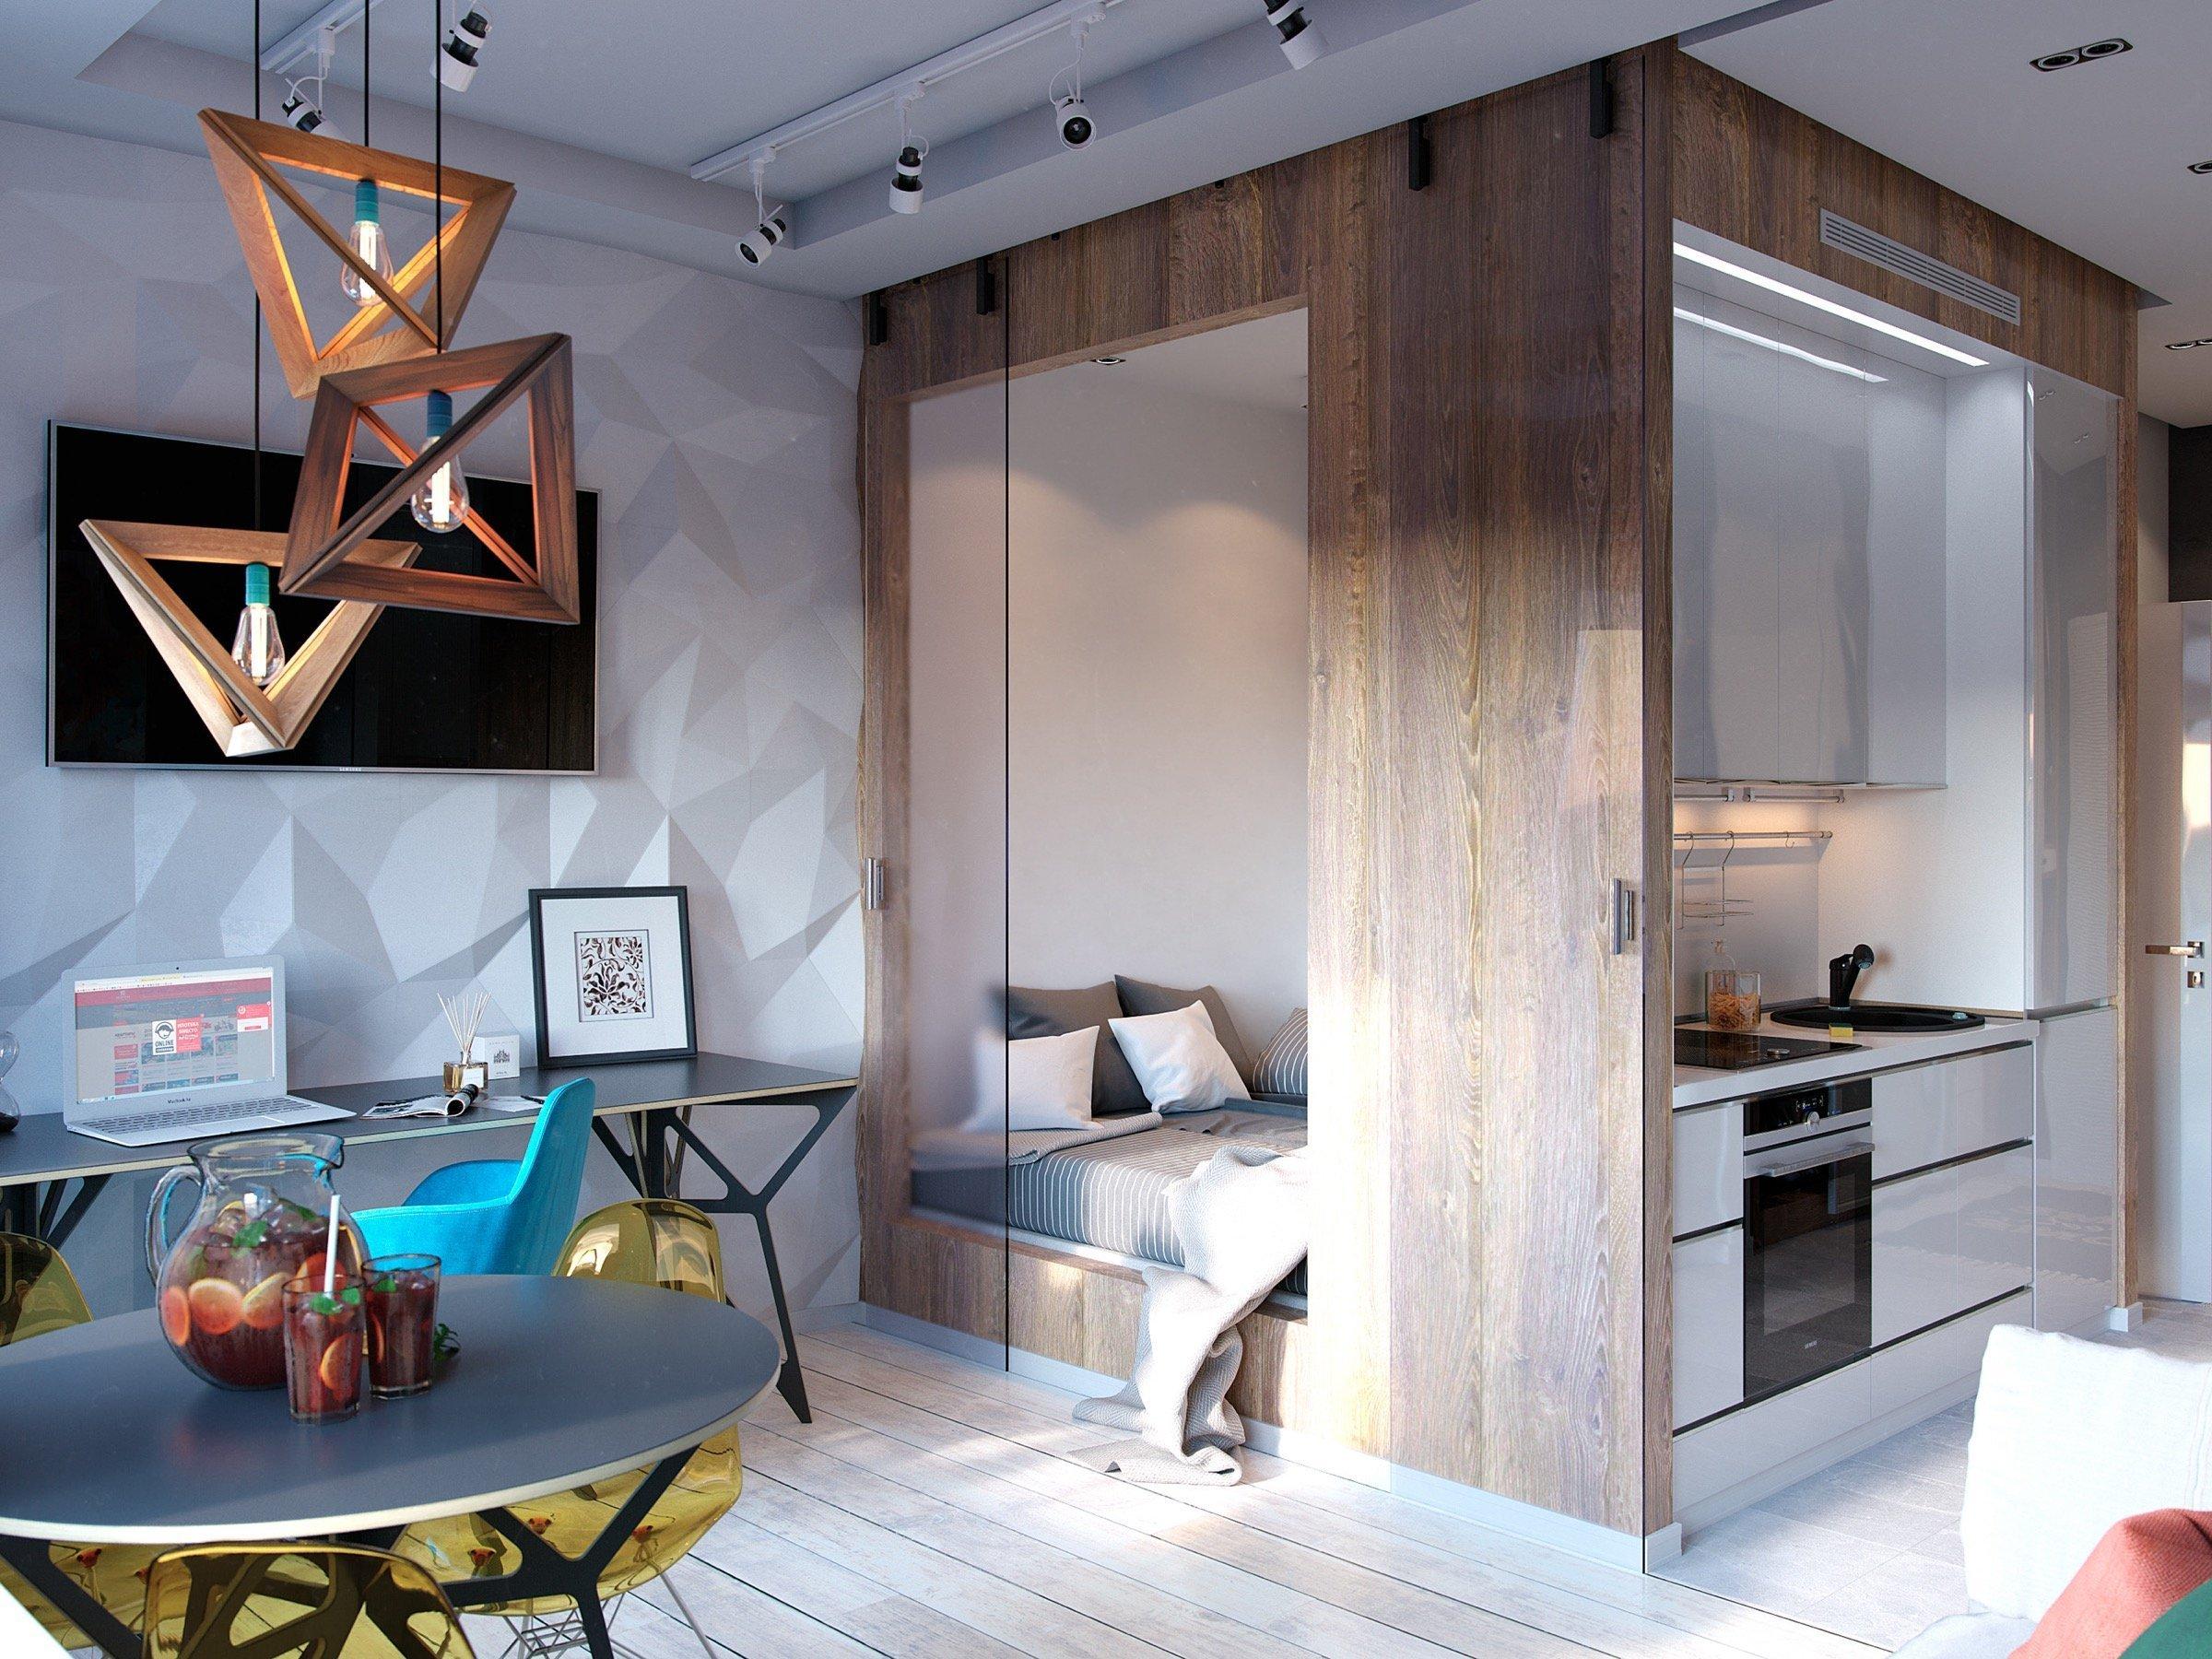 Navštivte spolu s námi invencí nabitý interiér, který si vystačí s plochou 30 m2! Umělecké prvky, zářivé barvy, nápadité tvary, svěží kombinace – to všechno je odrazem bydlení, které v sobě spolehlivě mísí praktičnost i styl.